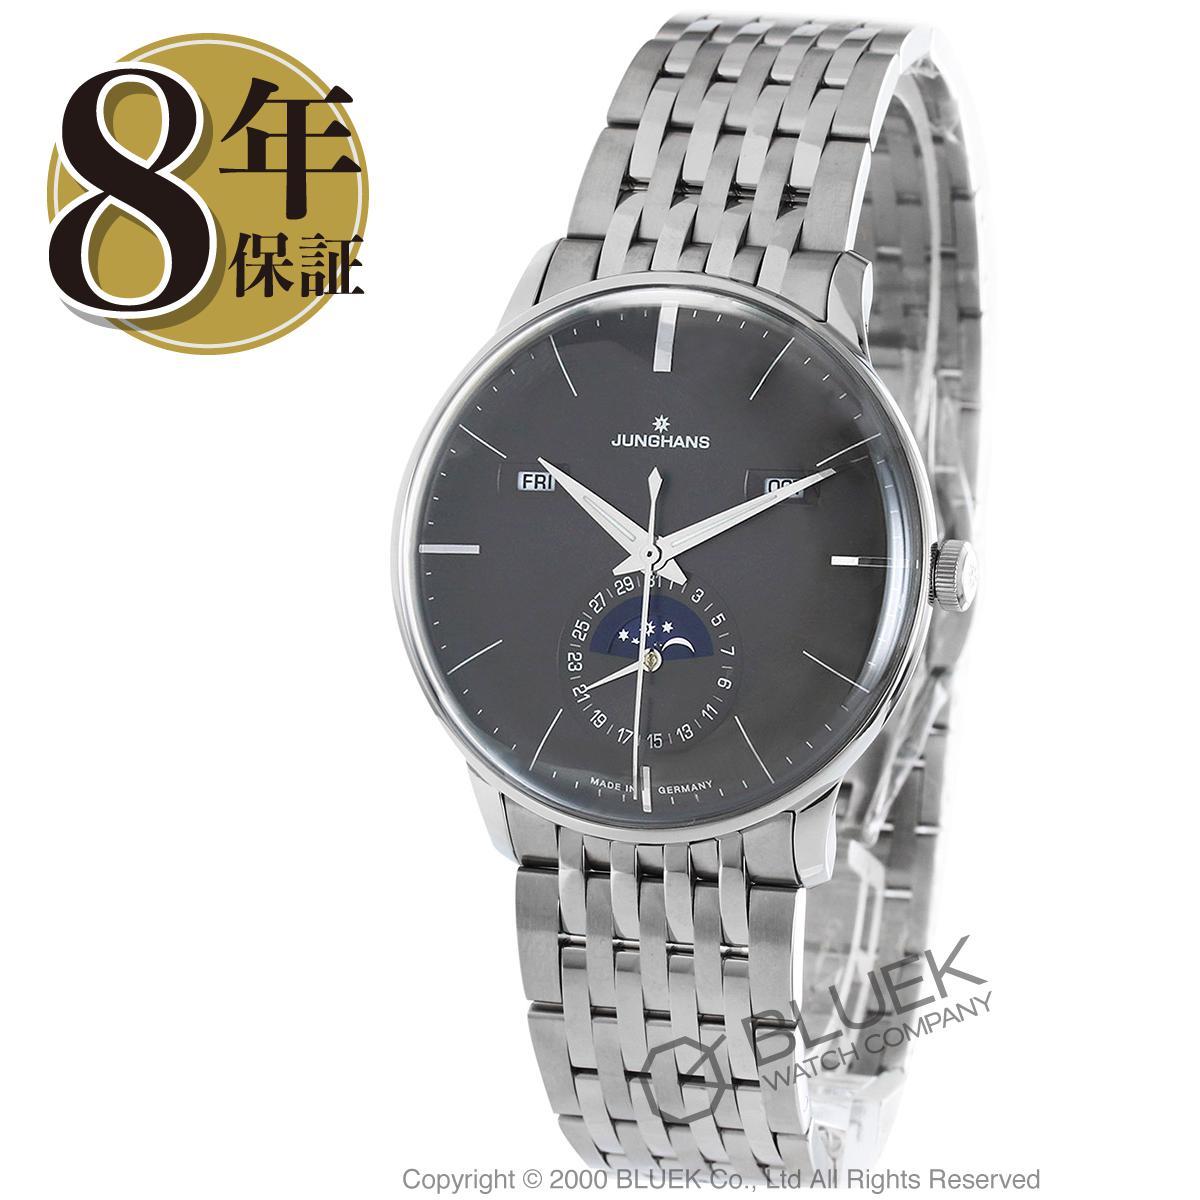 ユンハンス JUNGHANS 腕時計 マイスター カレンダー メンズ 027/4505.45_8